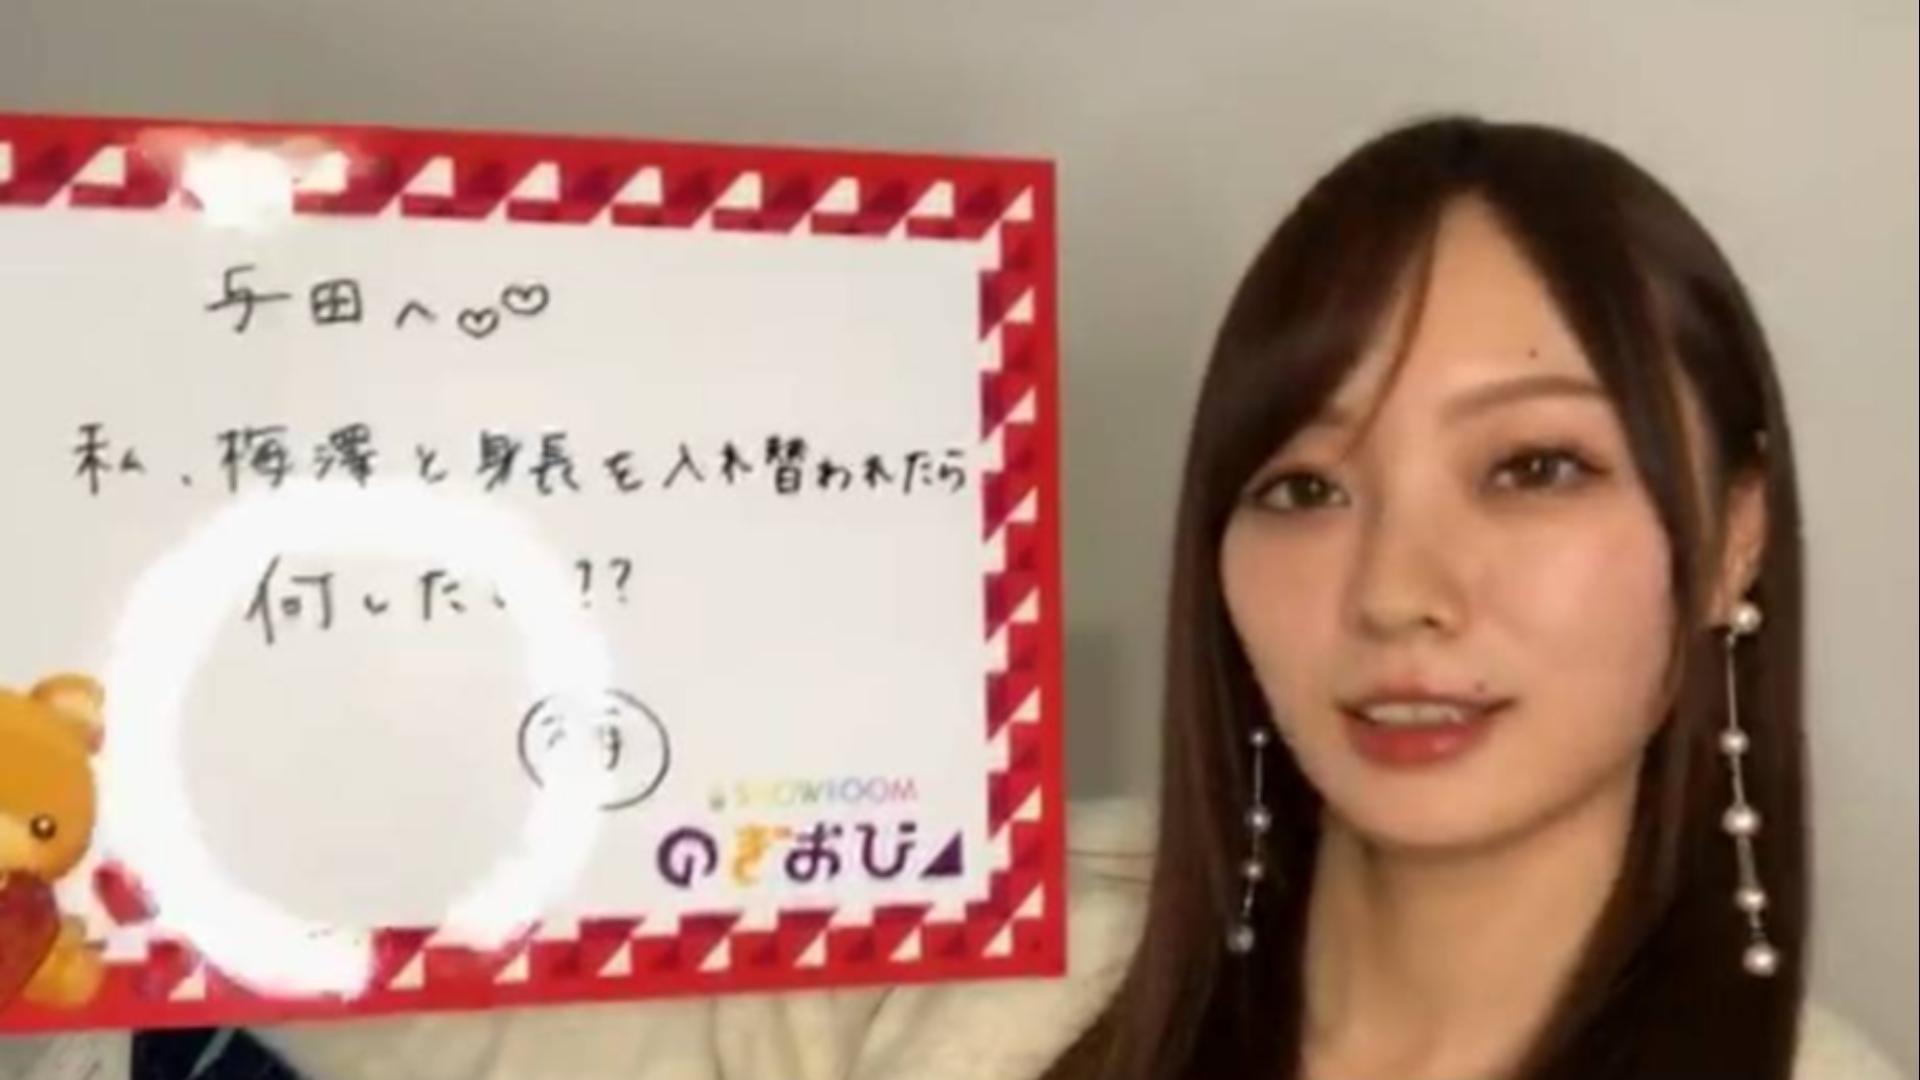 (生肉)乃木坂46 梅澤美波 のぎおび showroom 20-2-10